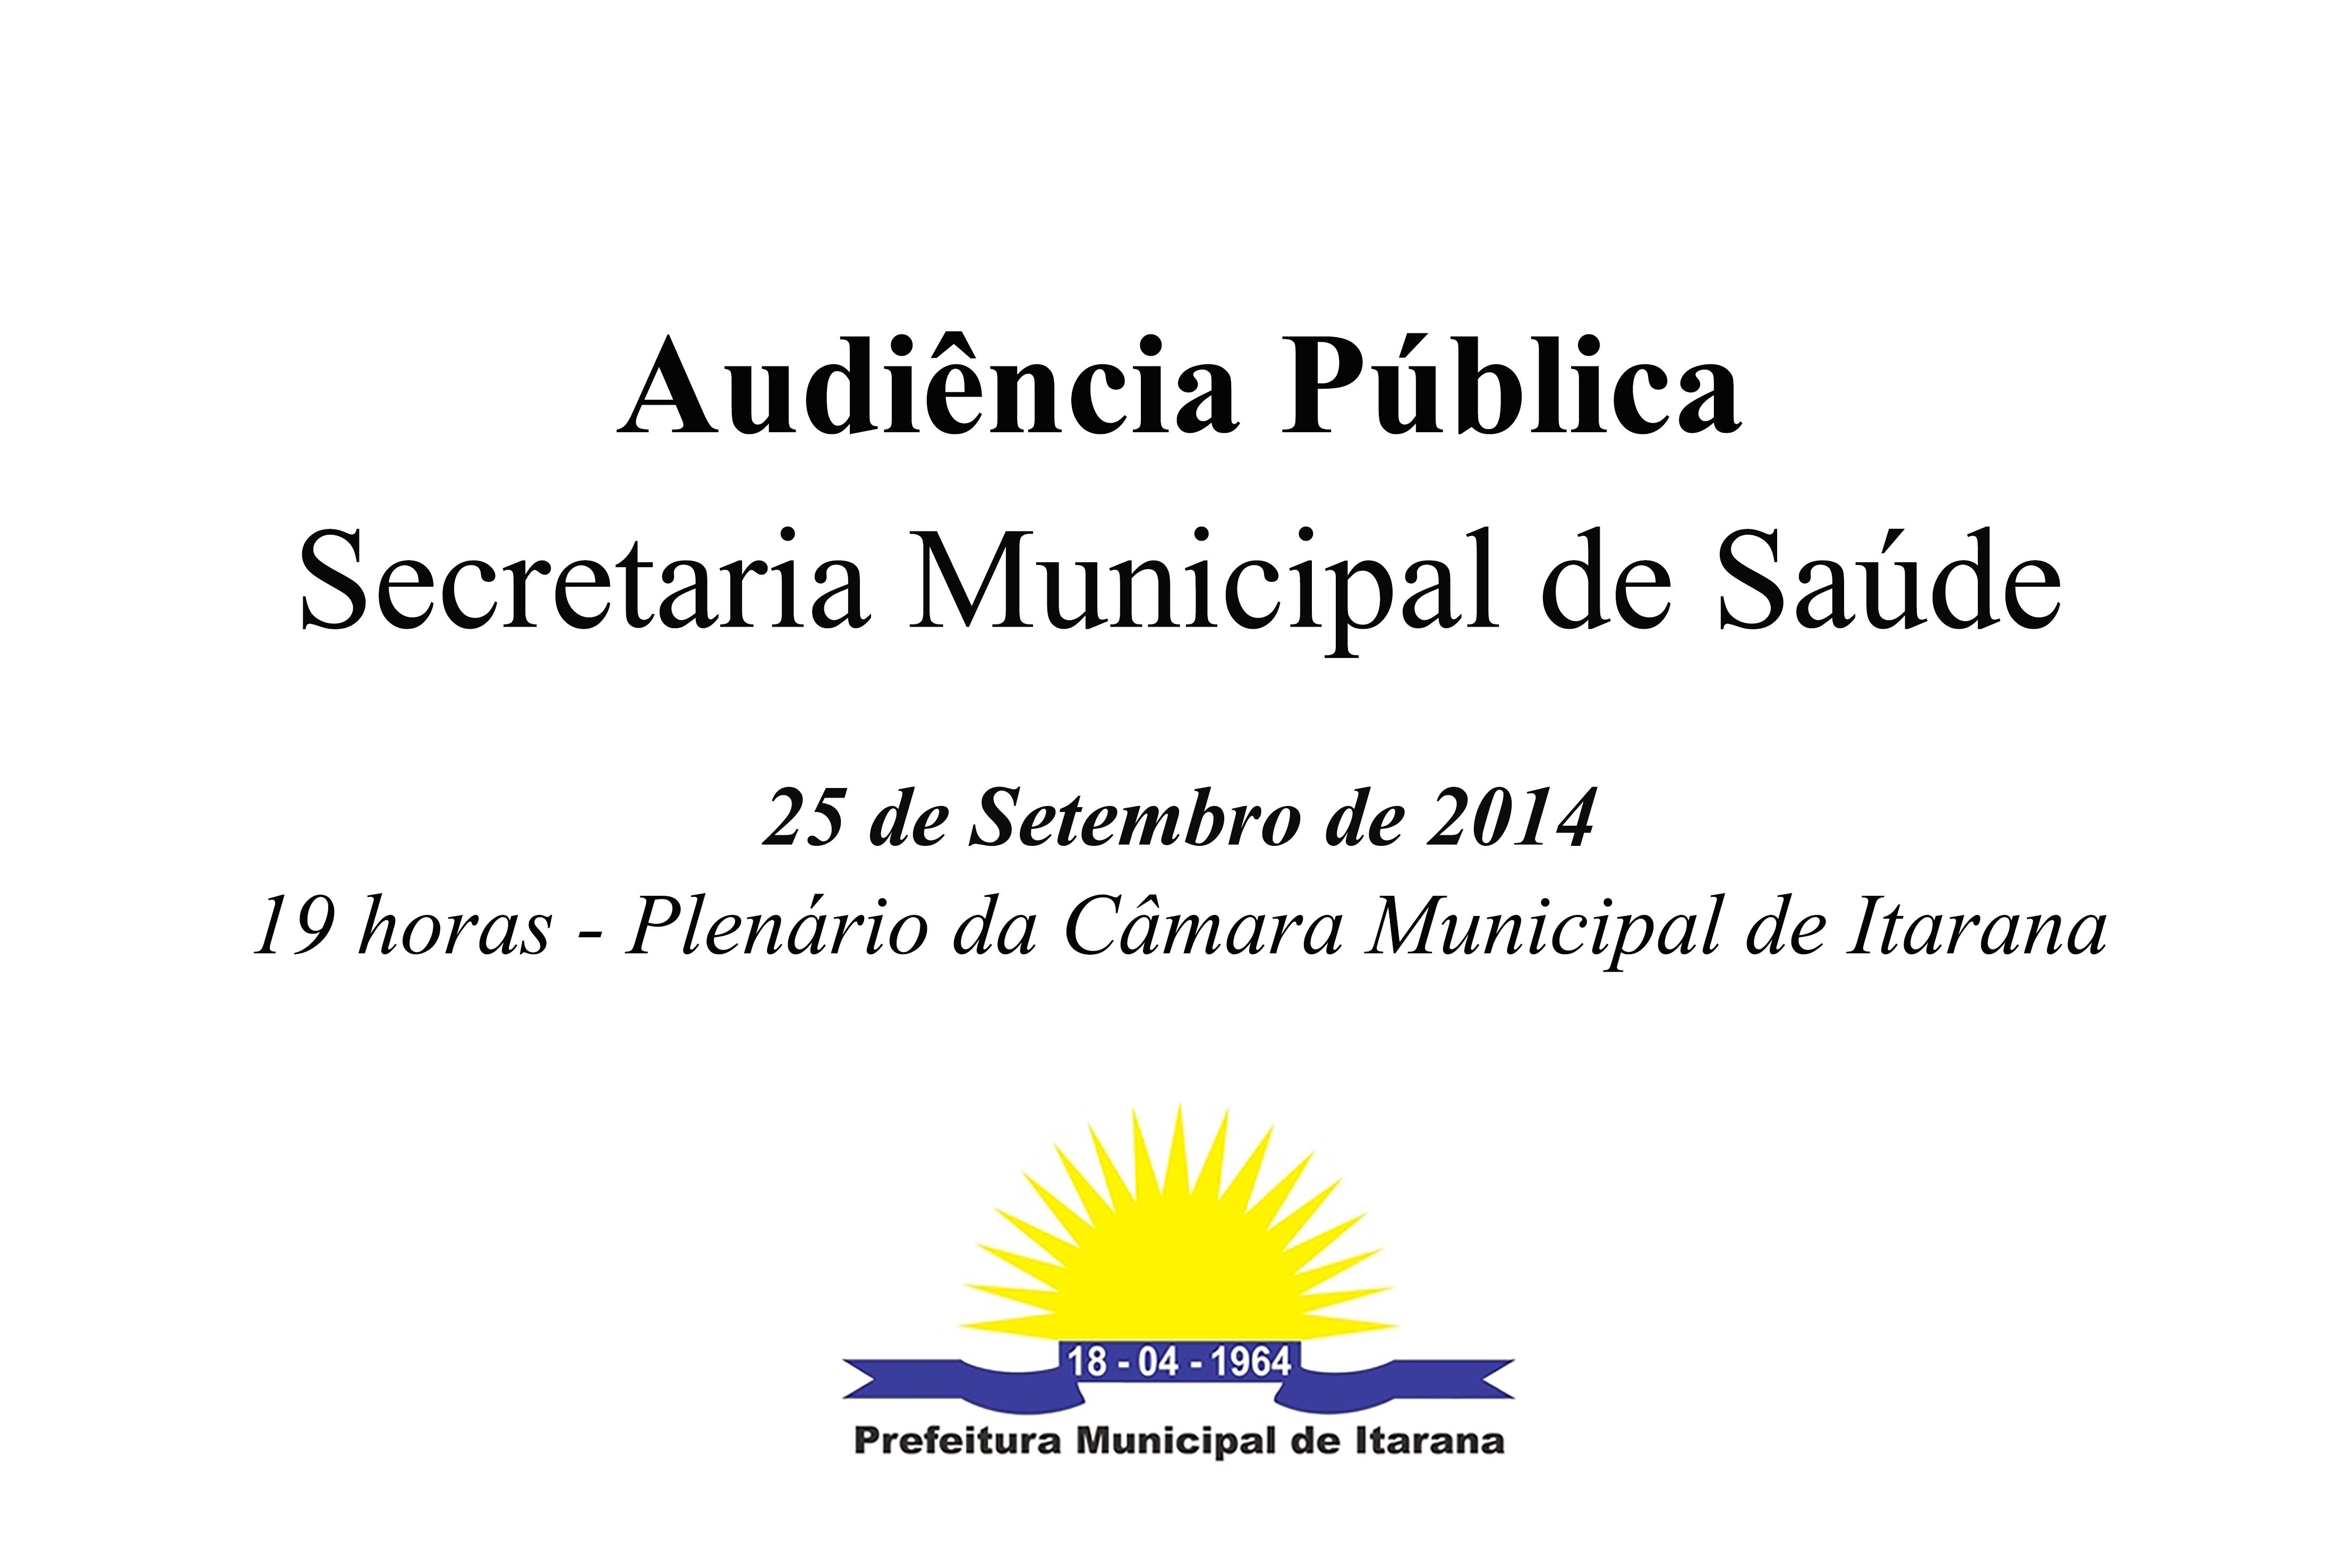 Secretaria Municipal de Saúde promove Audiência Pública nesta quinta-feira (25)